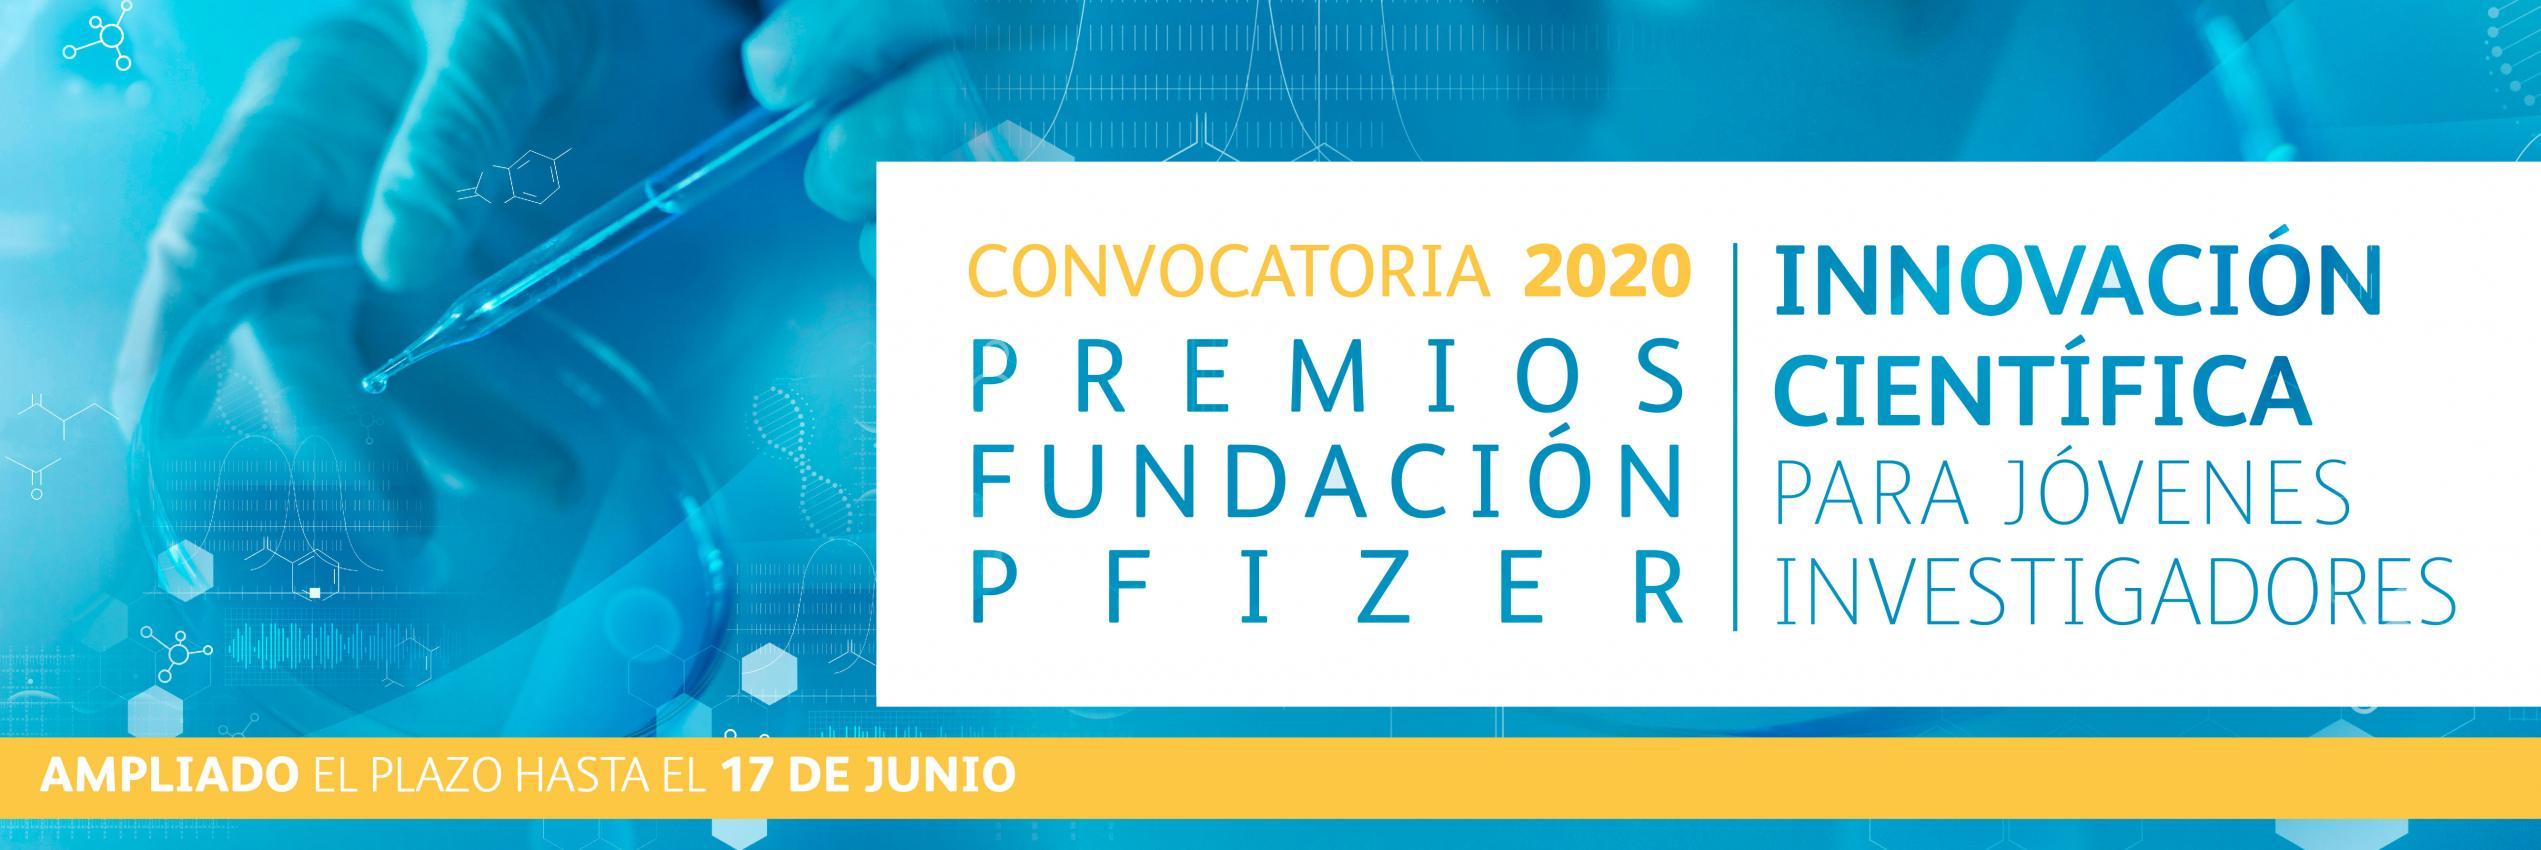 convocatoria_premios_innovacion_2020